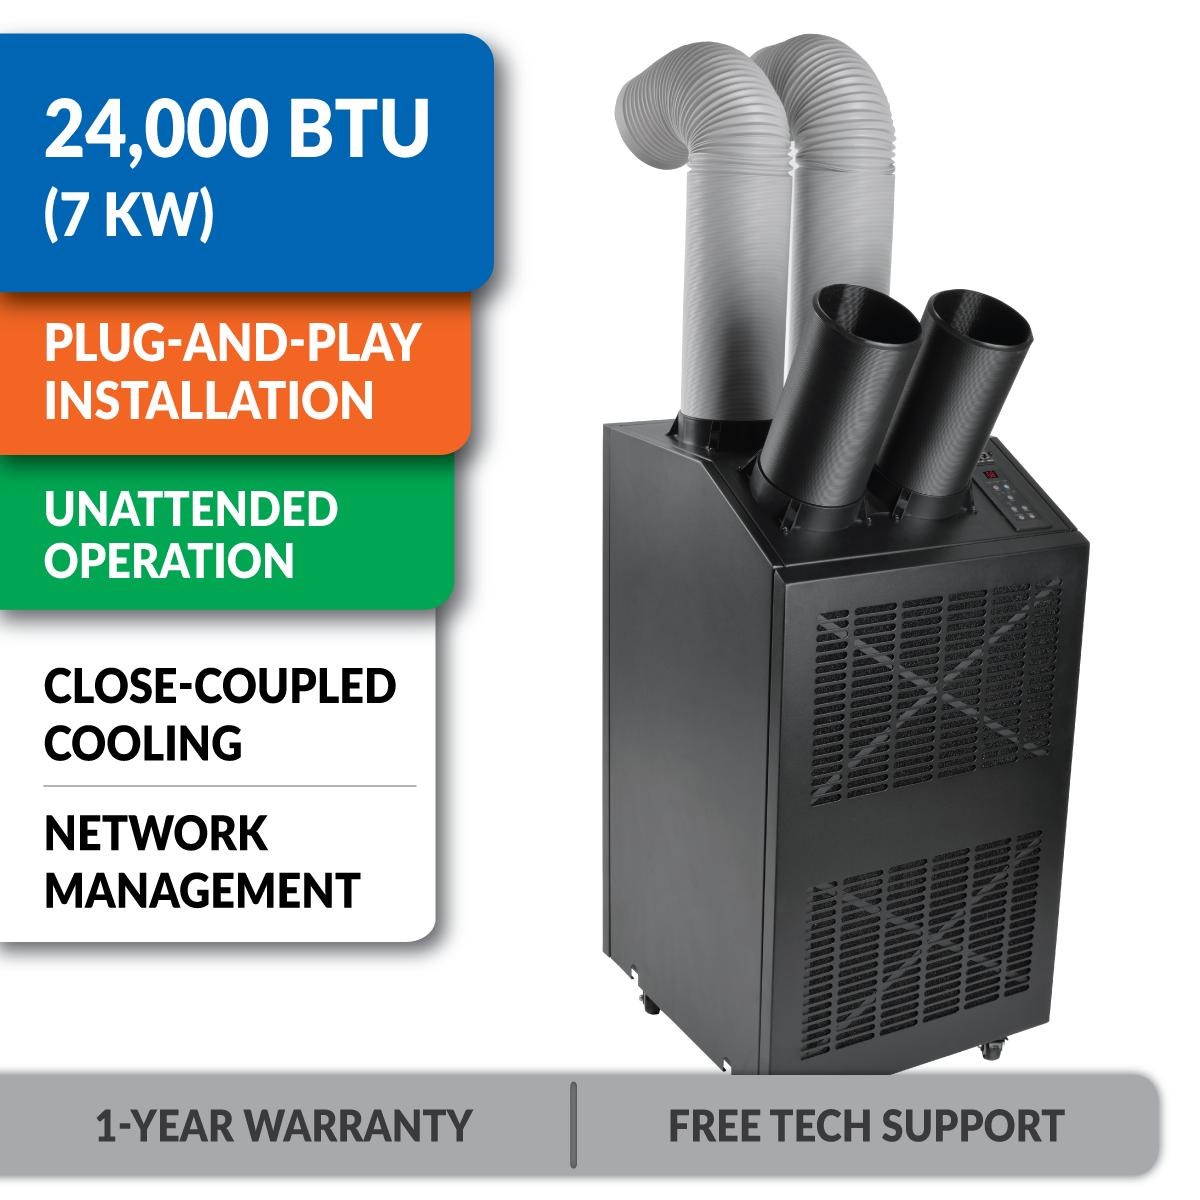 Amazon.com: Tripp Lite Portable Cooling Unit Air Conditioner AC 24K  #009C4A